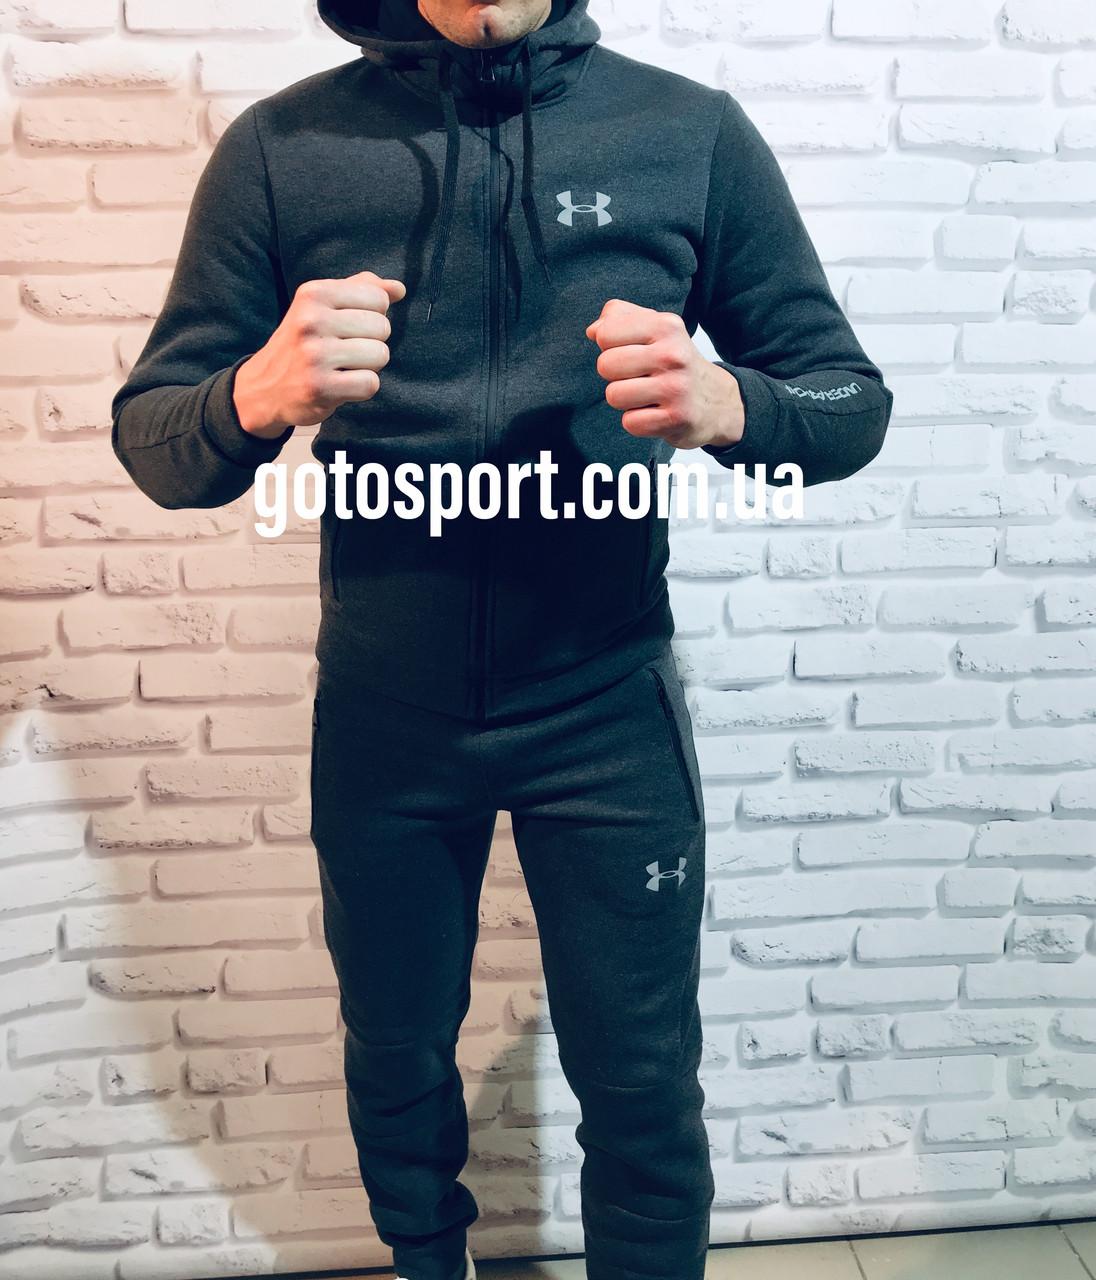 37855c5c Мужской теплый спортивный костюм Under Armour серый - Интернет-магазин  спортивной одежды